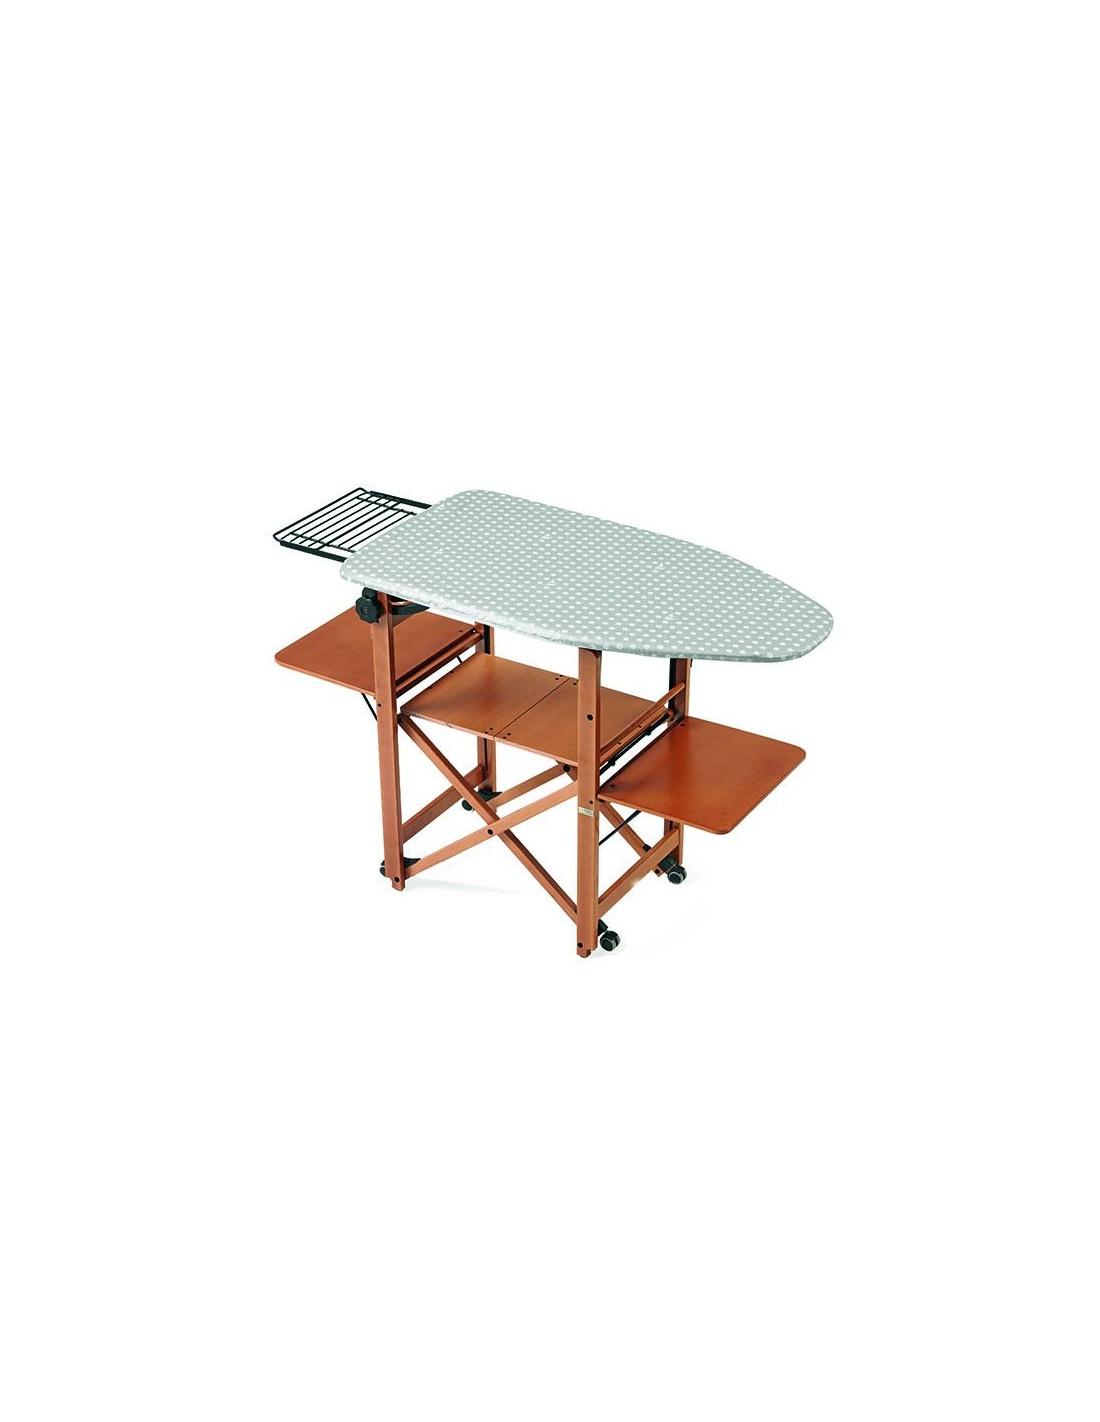 Asse da stiro in legno modello bravo 620 di arredamenti italia - Asse da stiro da tavolo ...